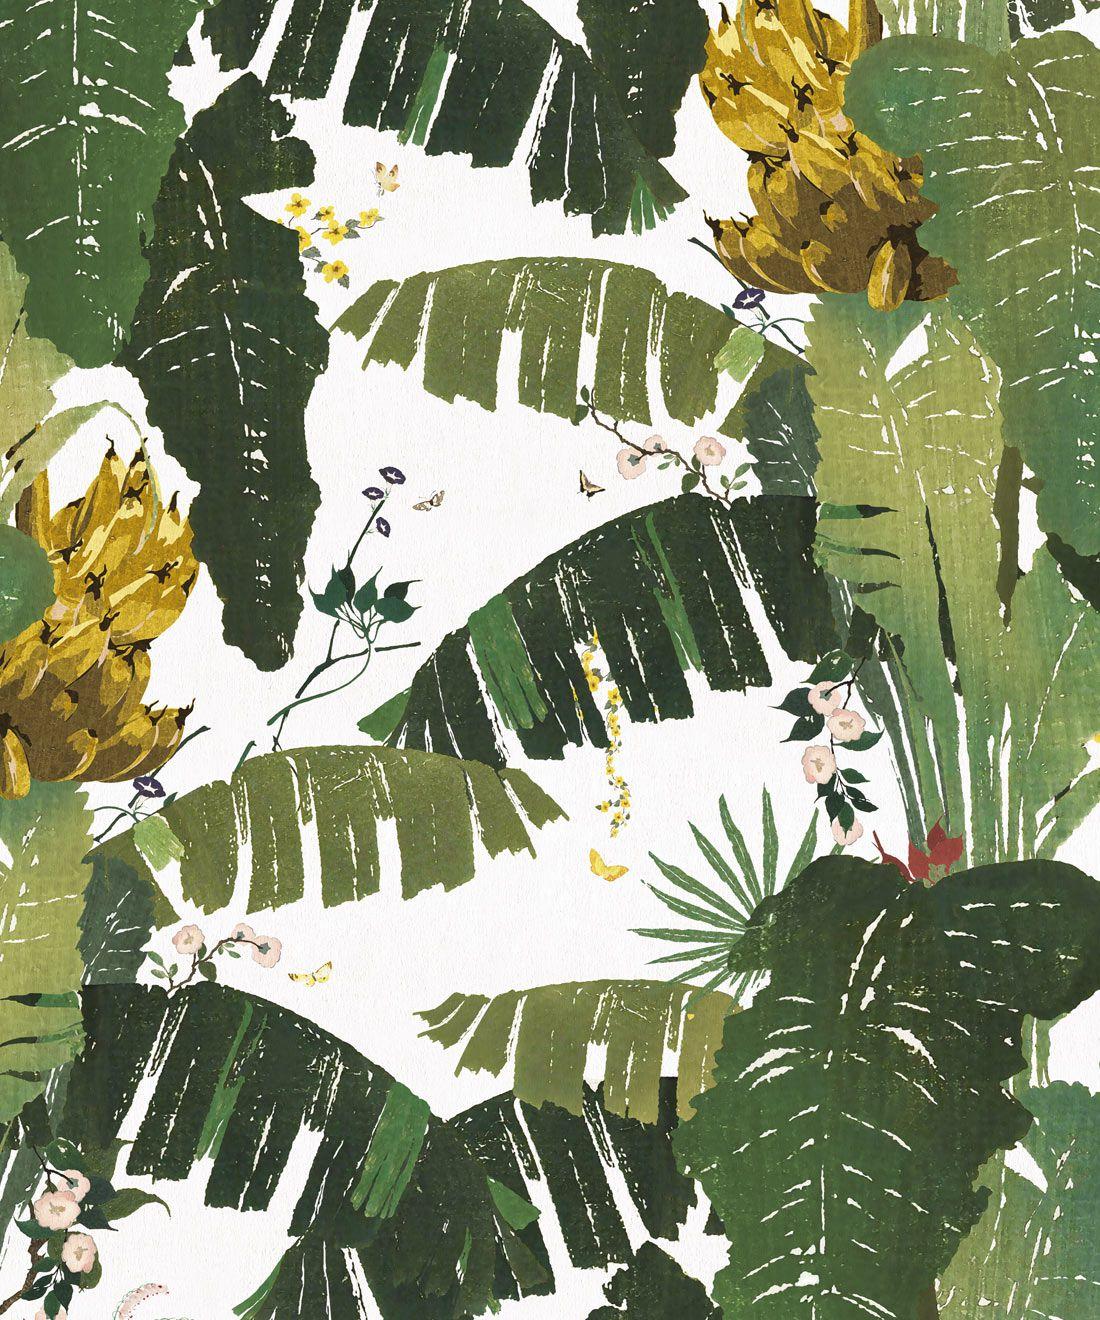 Yashinoki Wallpaper (Two Roll Set)